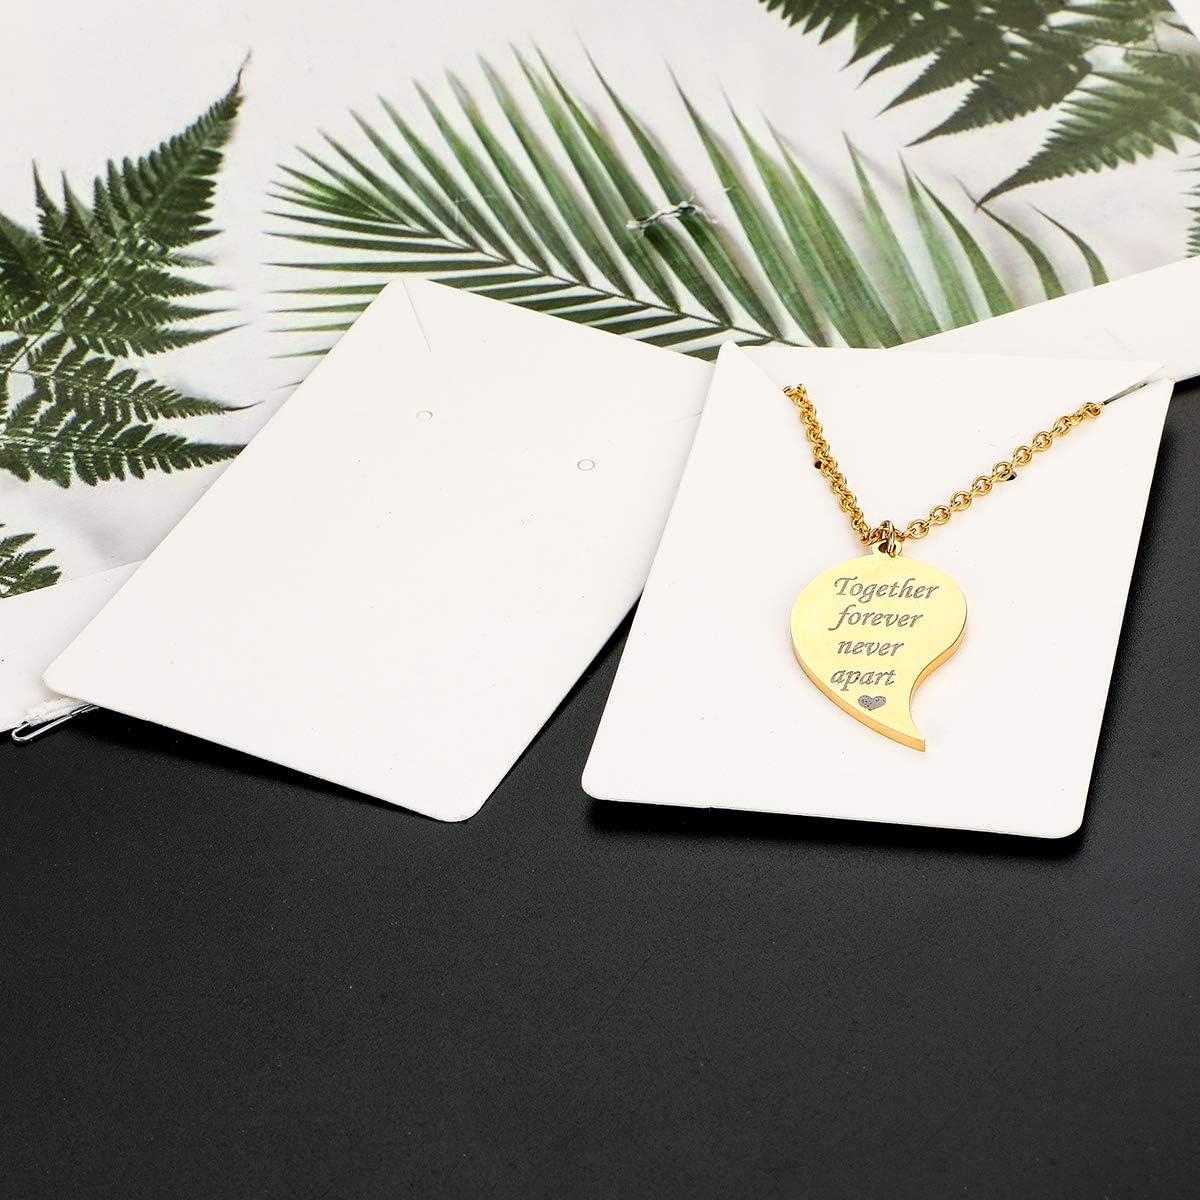 Set Litthing Cartes dAffichage Boucle doreille 100PCS 8.9 x 5.8 cm avec 200 Pcs Sacs Auto-Scell/és Cartes de Pr/ésentation pour Bijoux et Colliers /Étiquettes en Papier Kraft pour DIY